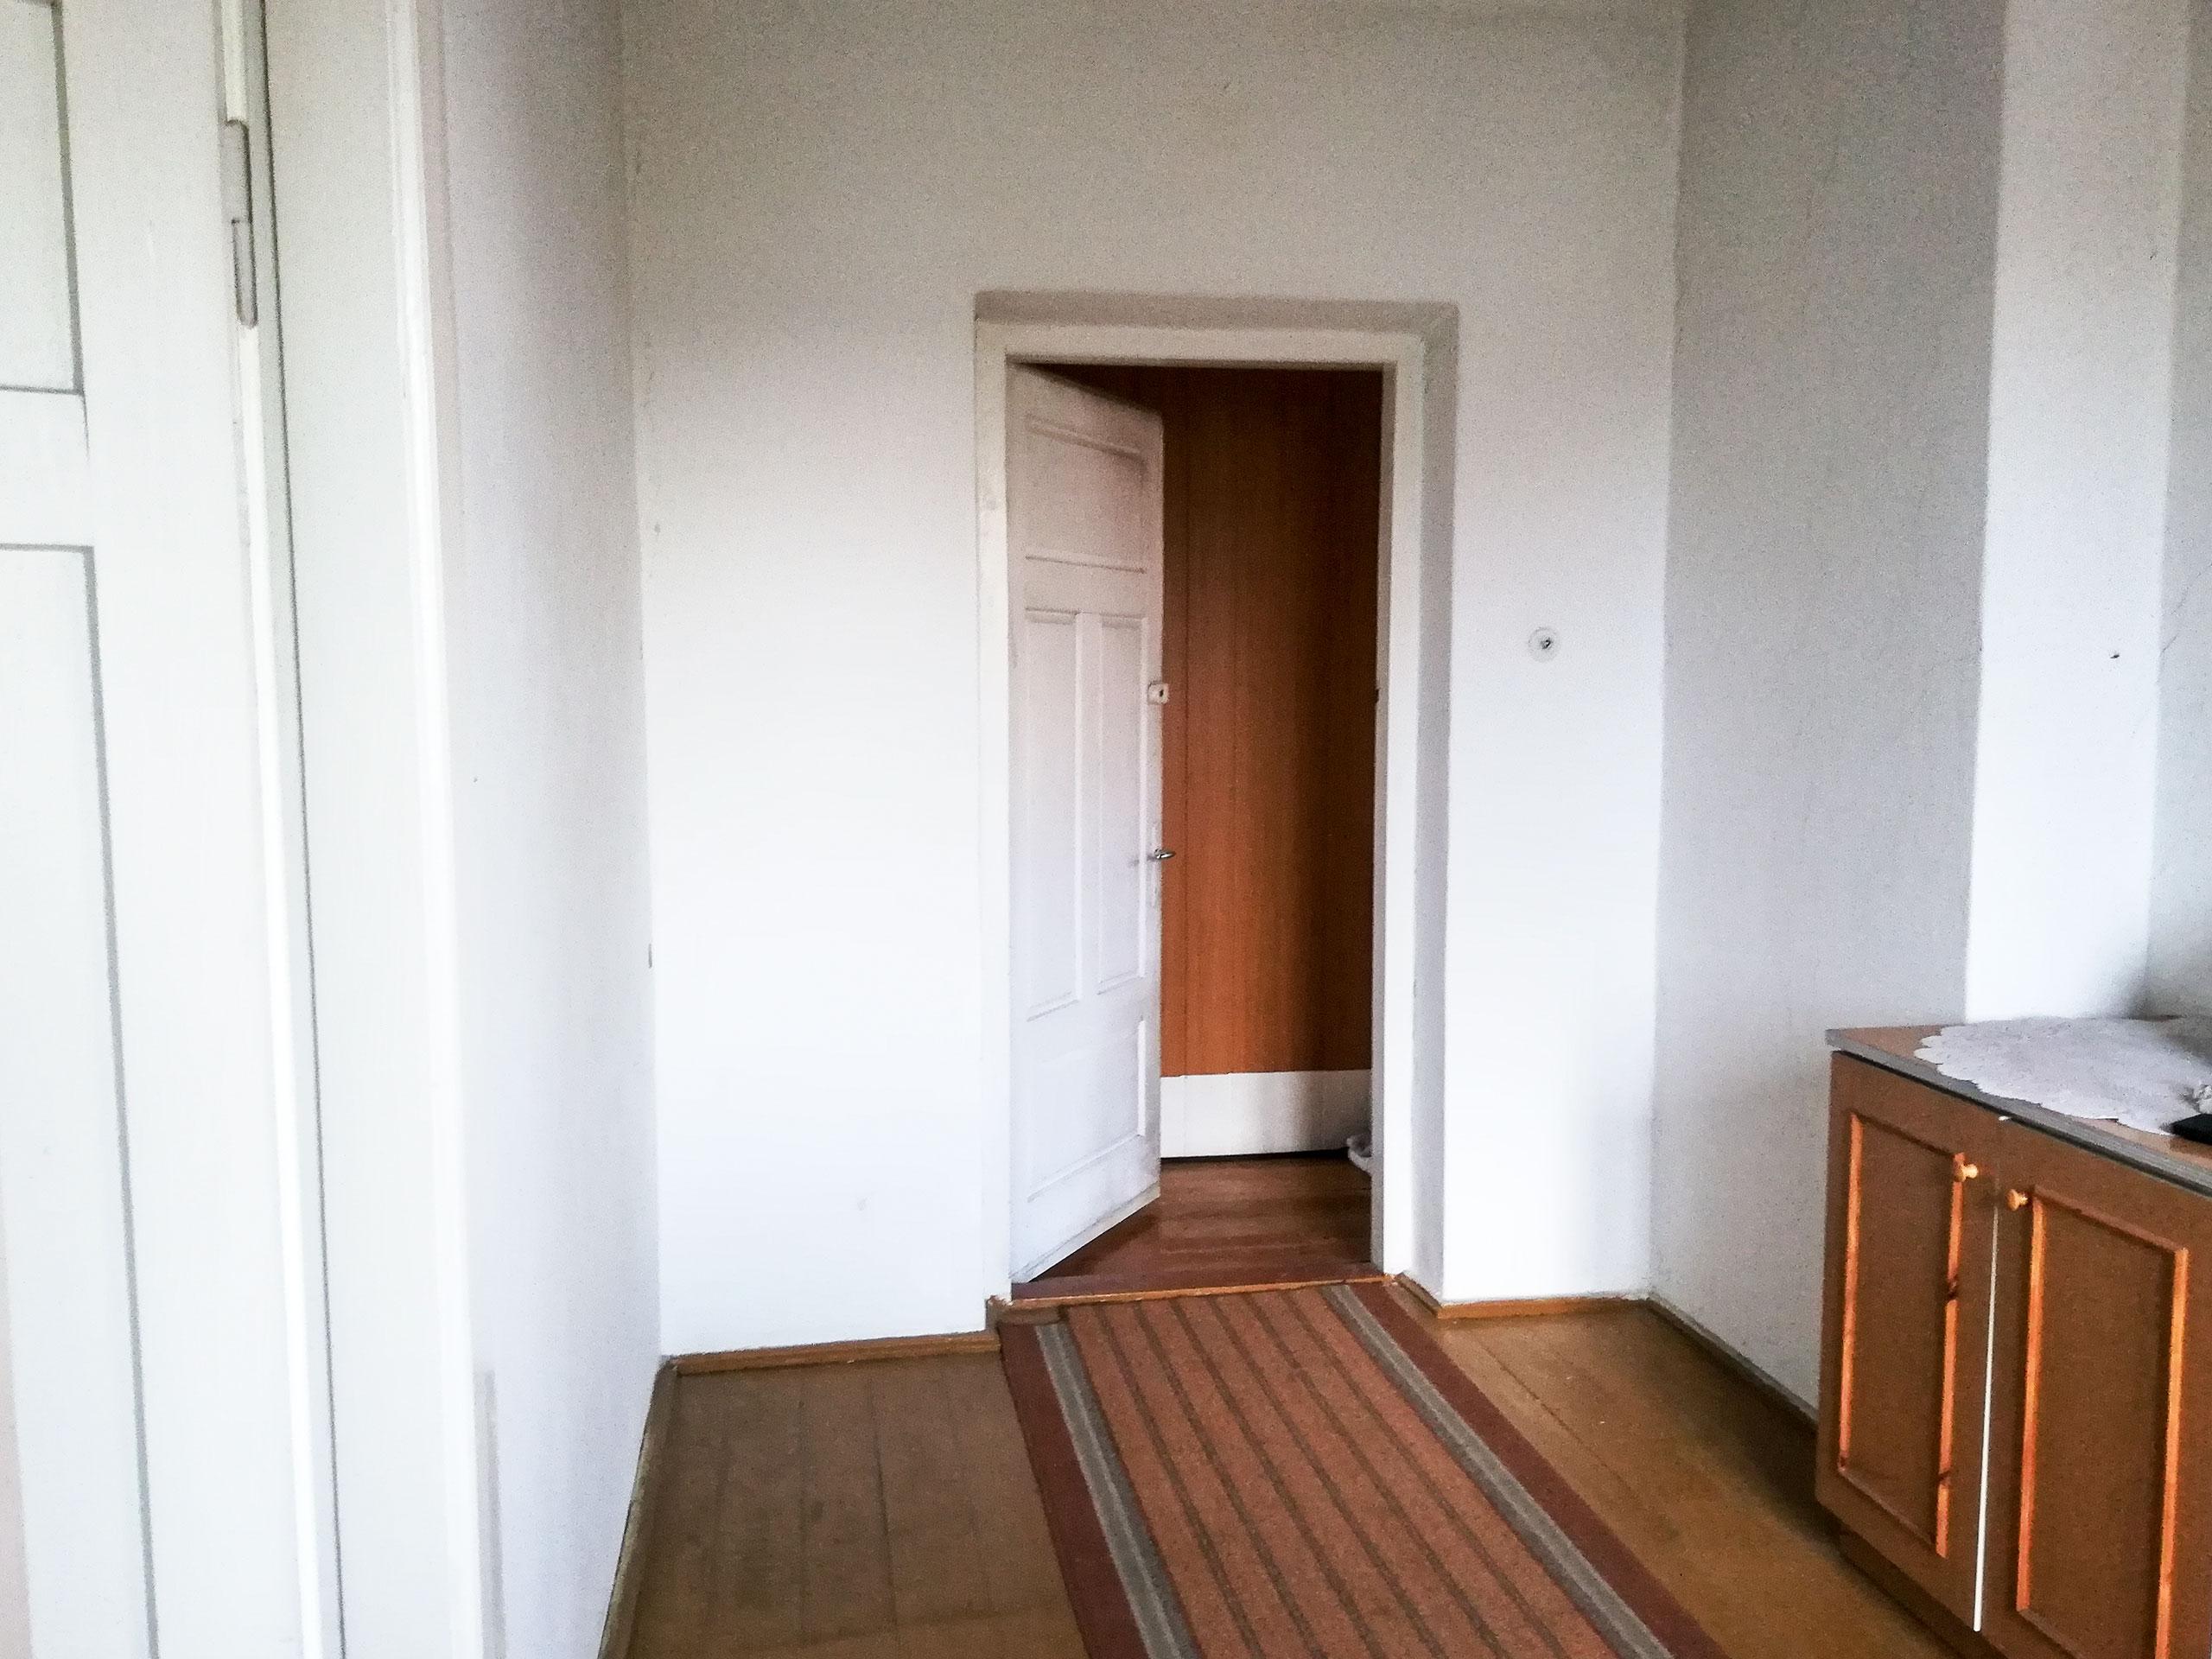 dom Izbica przy drodze krajowej - dom na sprzedaż - Krzysztof Górski Nieruchomości Zamość